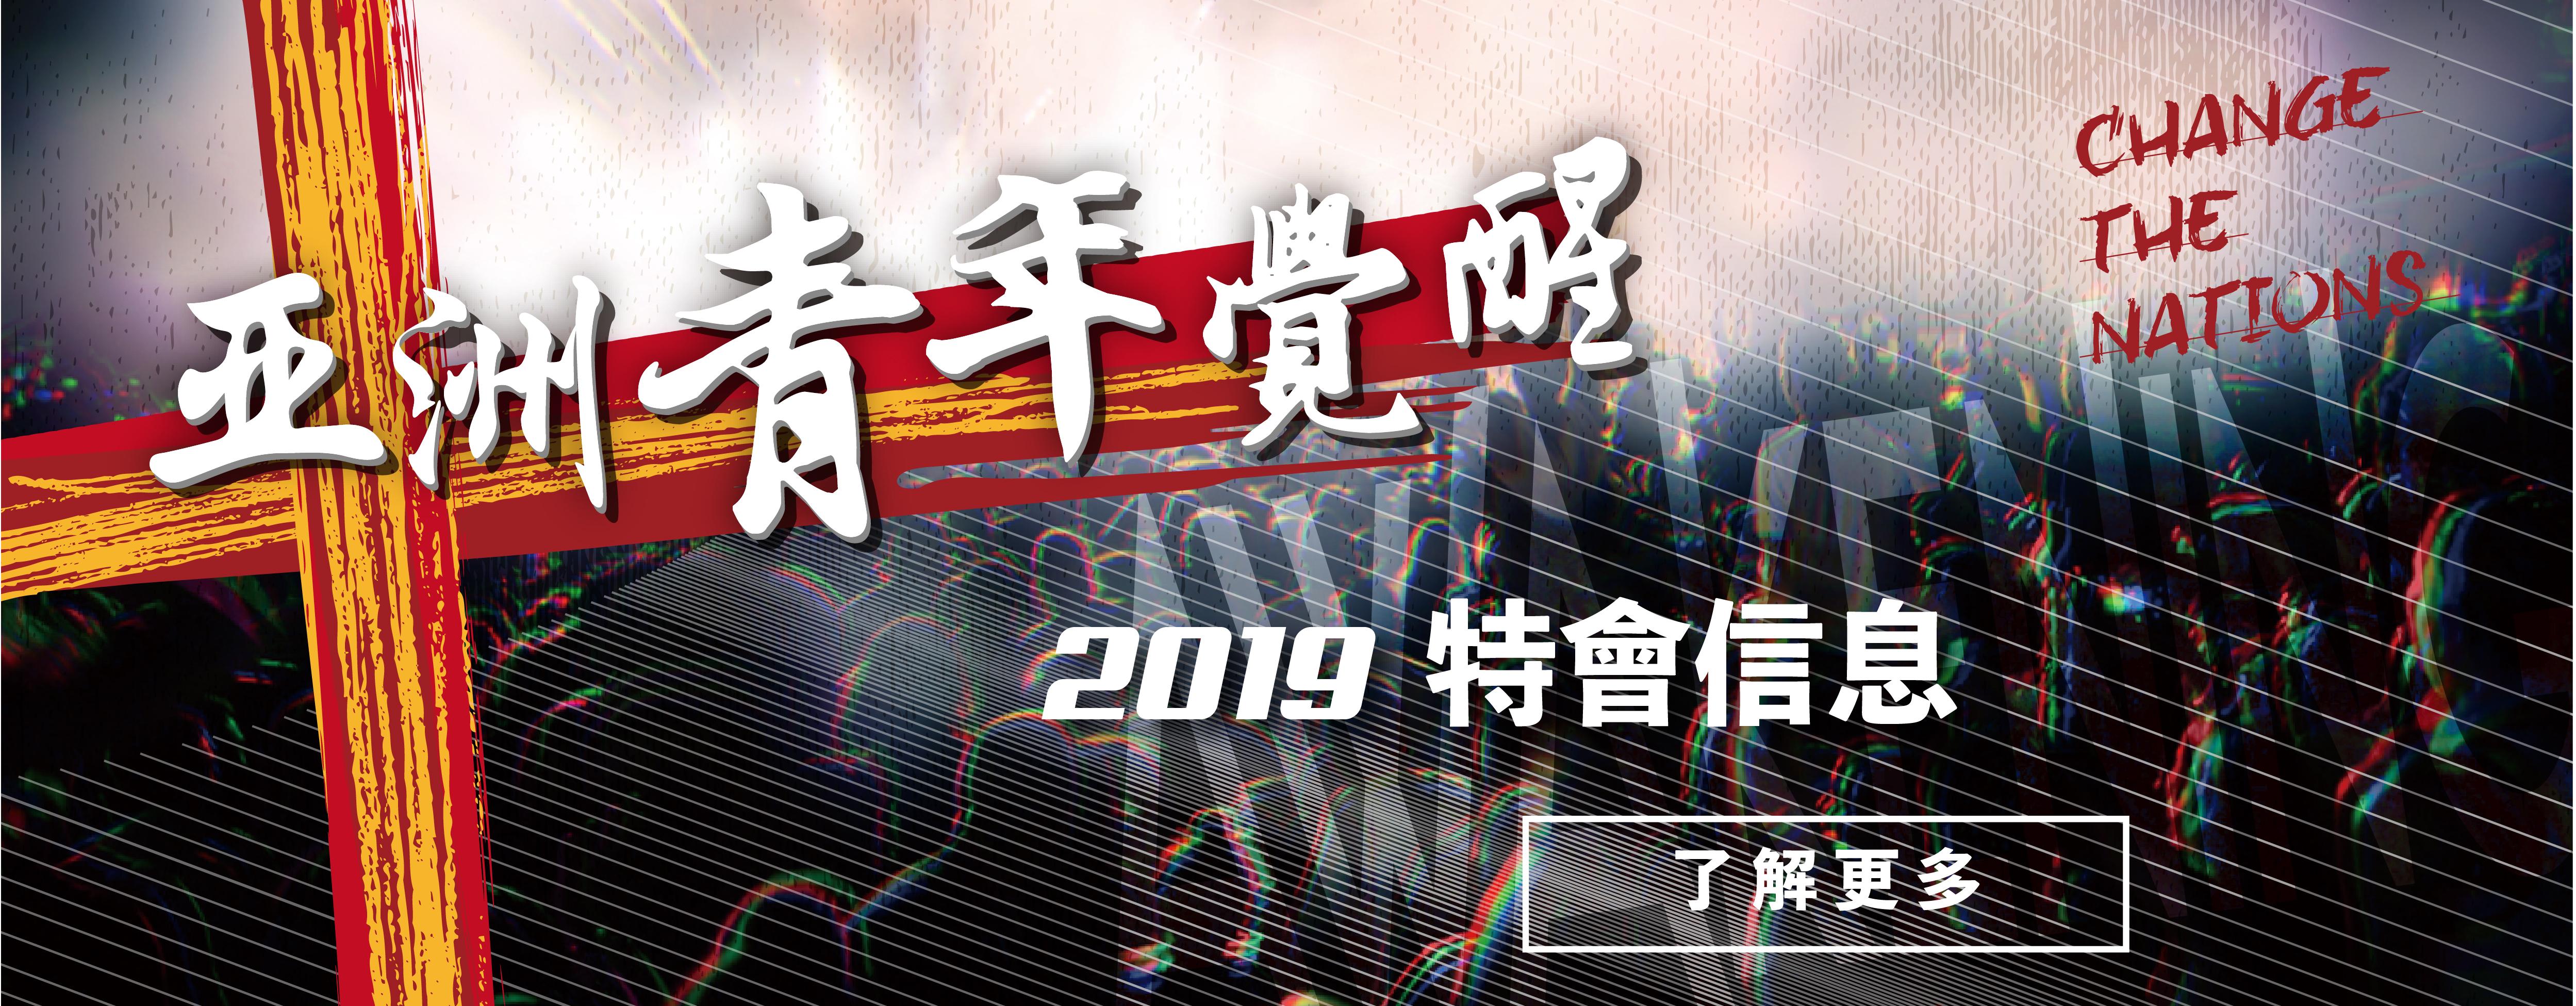 2019青年覺醒